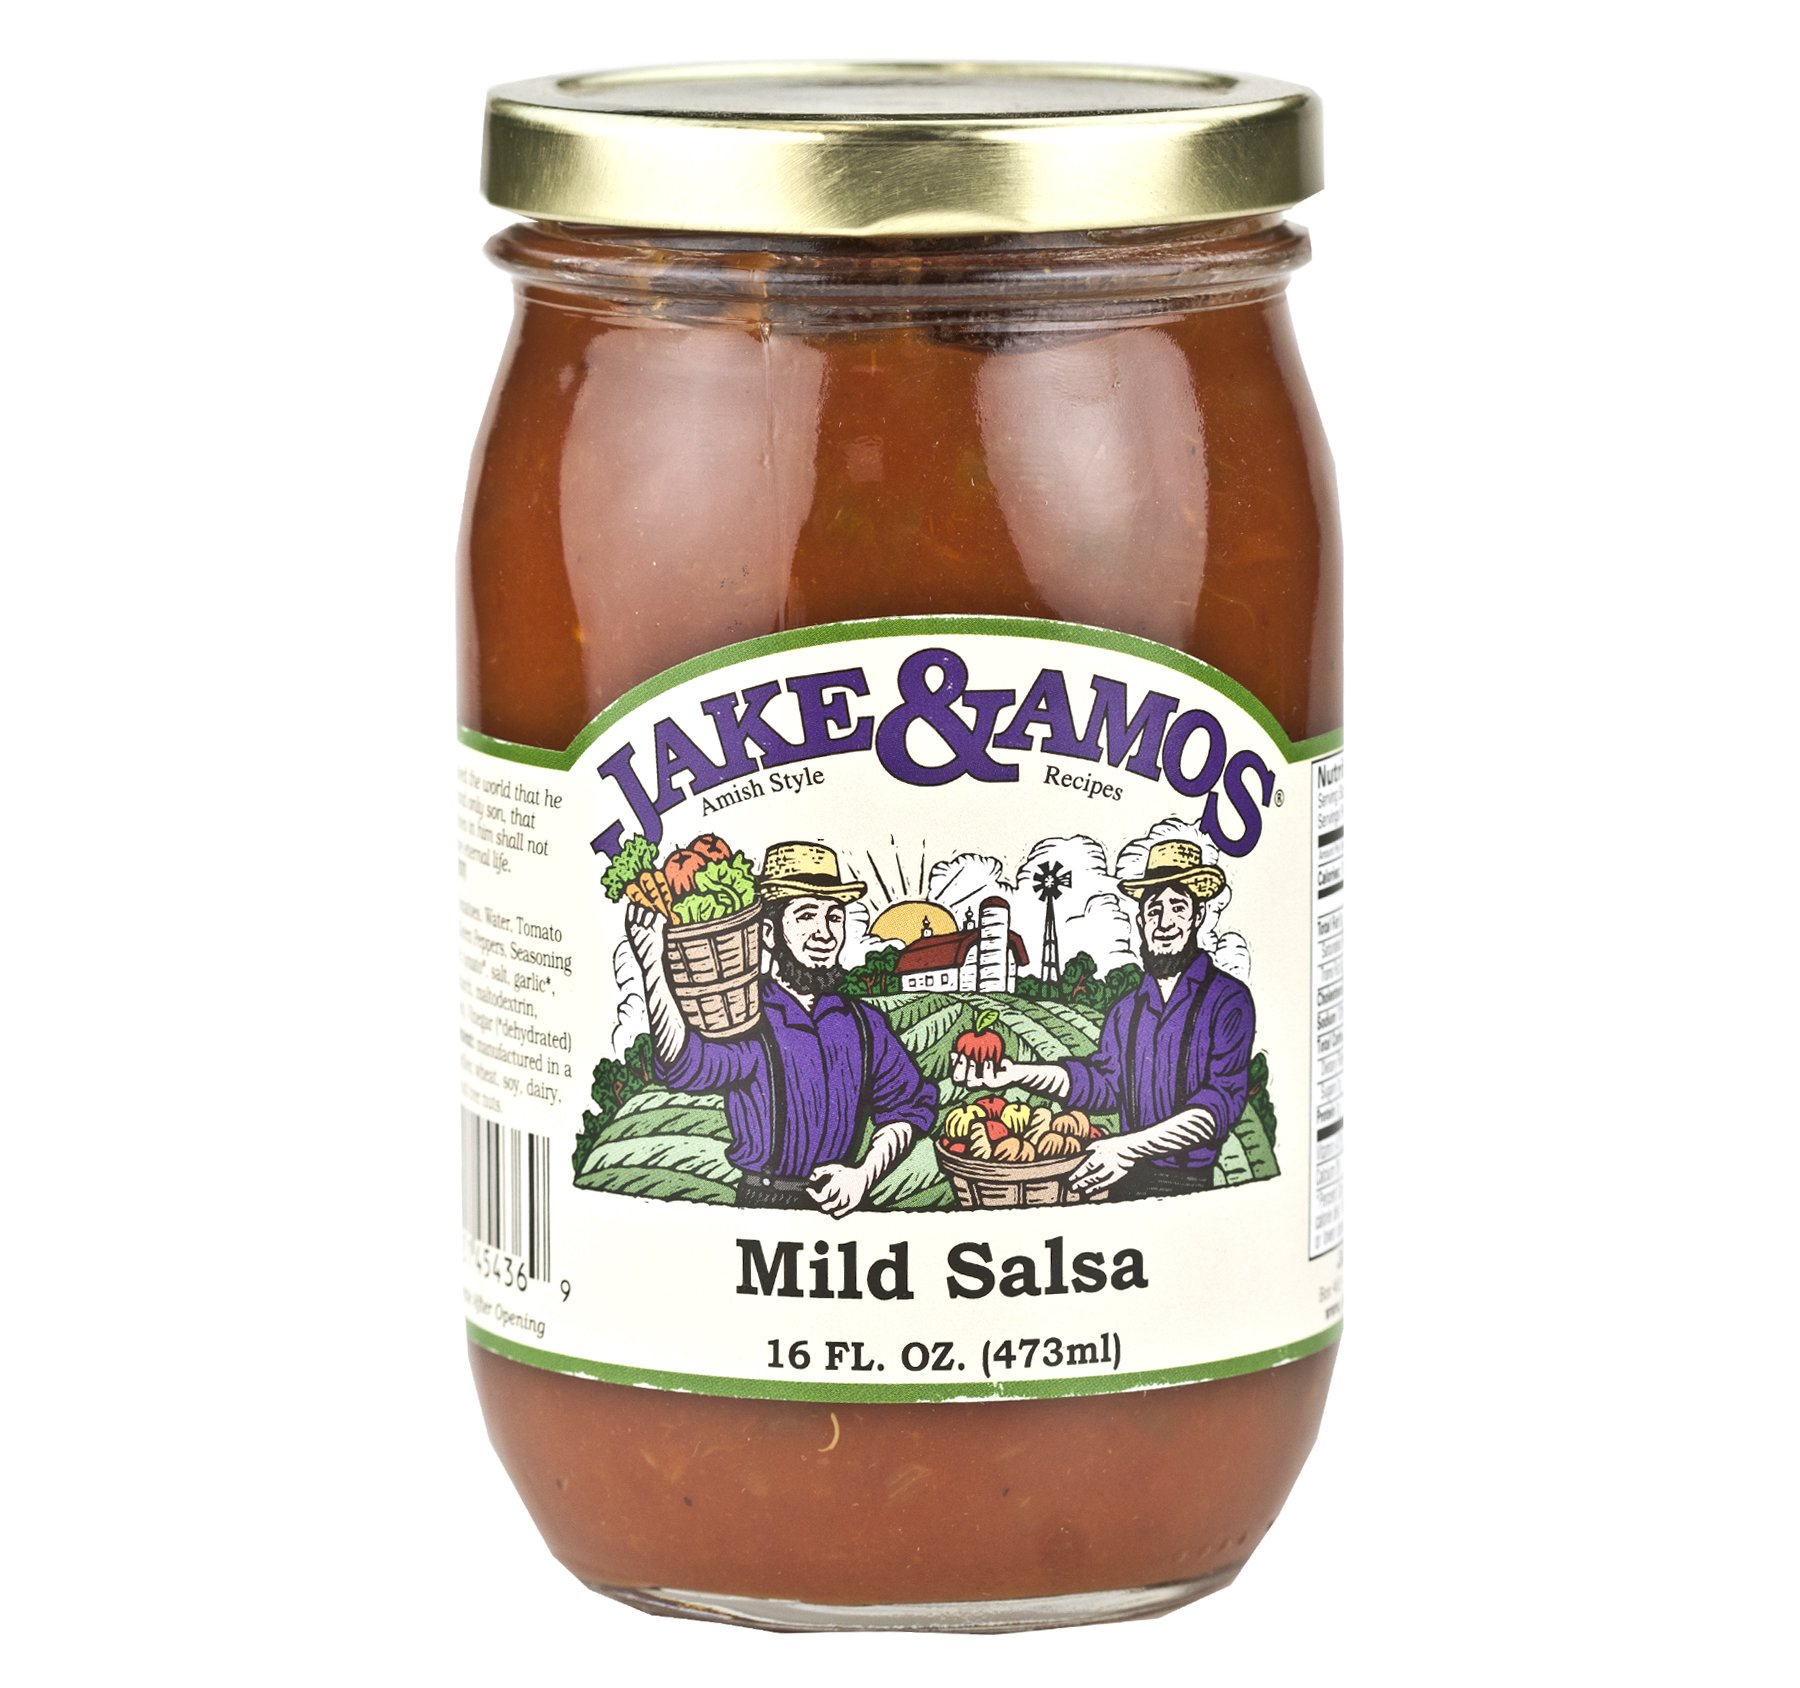 Jake & Amos Mild Salsa 16 oz. (3 Jars) by Jake & Amos